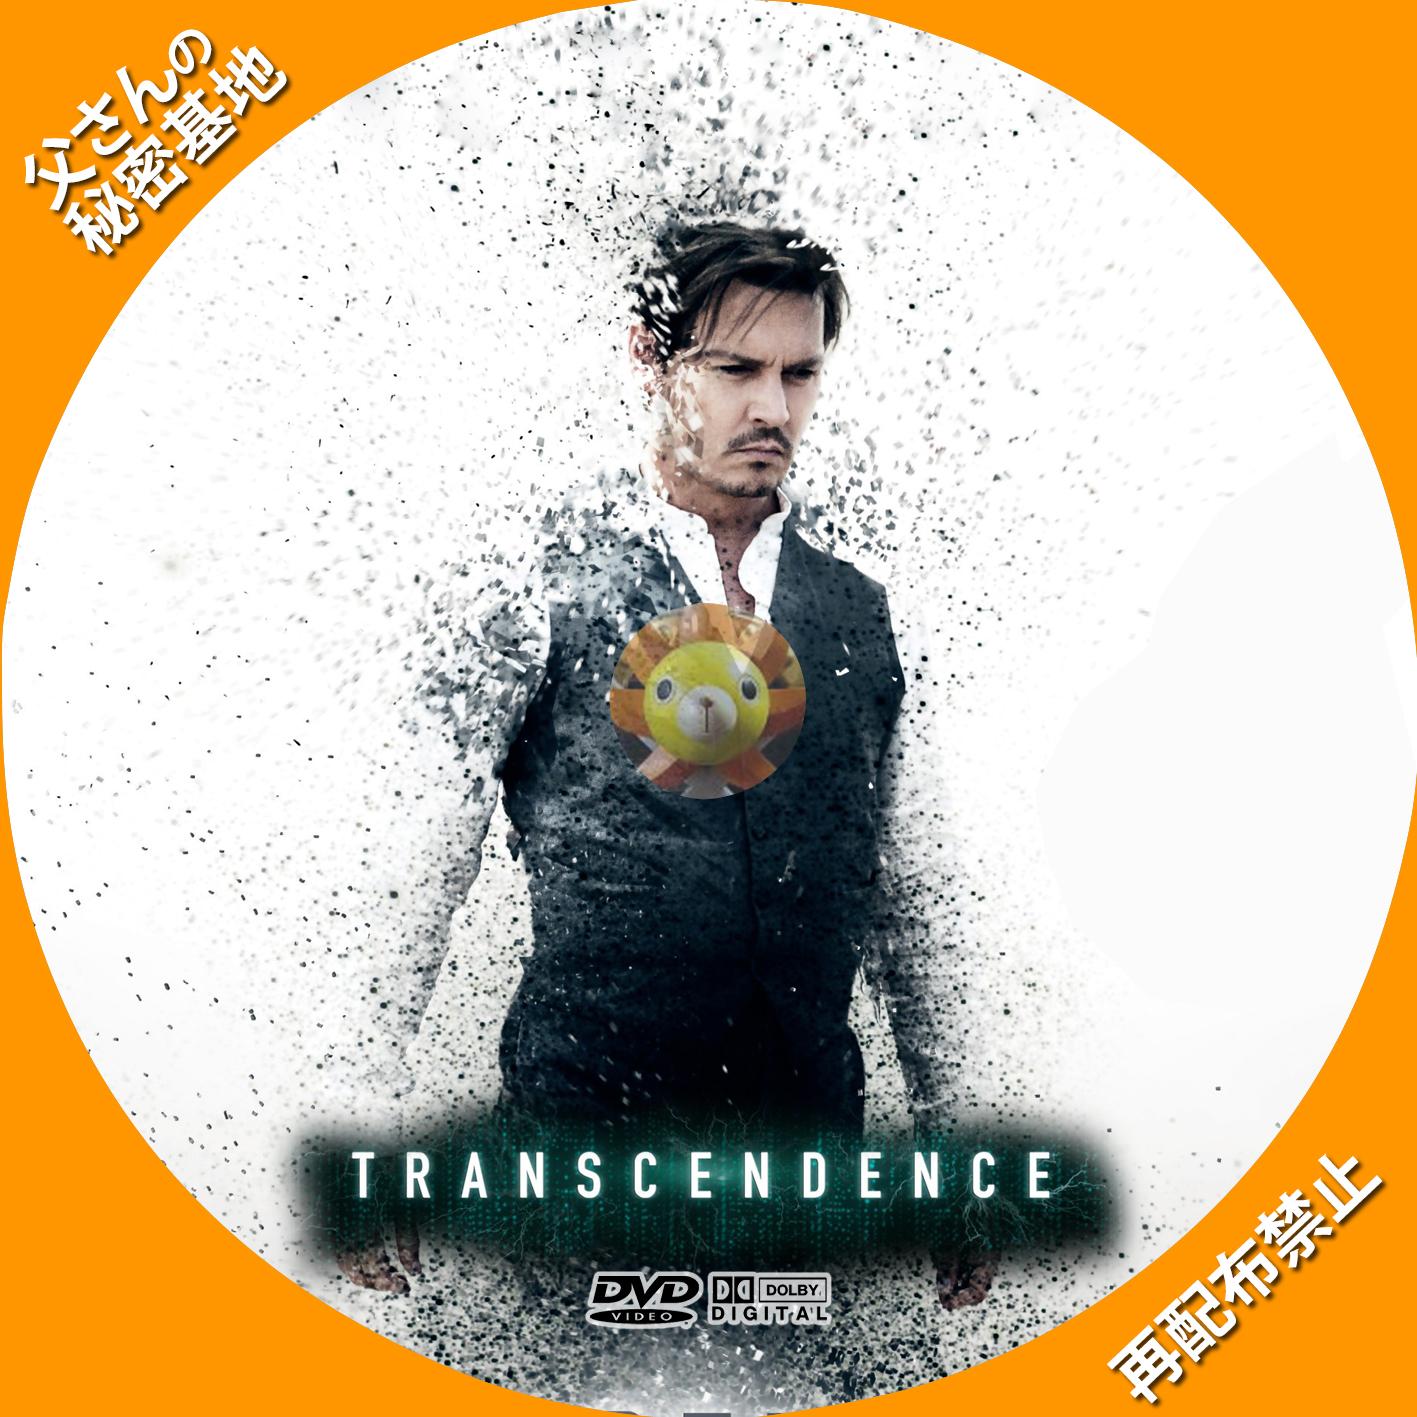 transcendence_DVD03.jpg